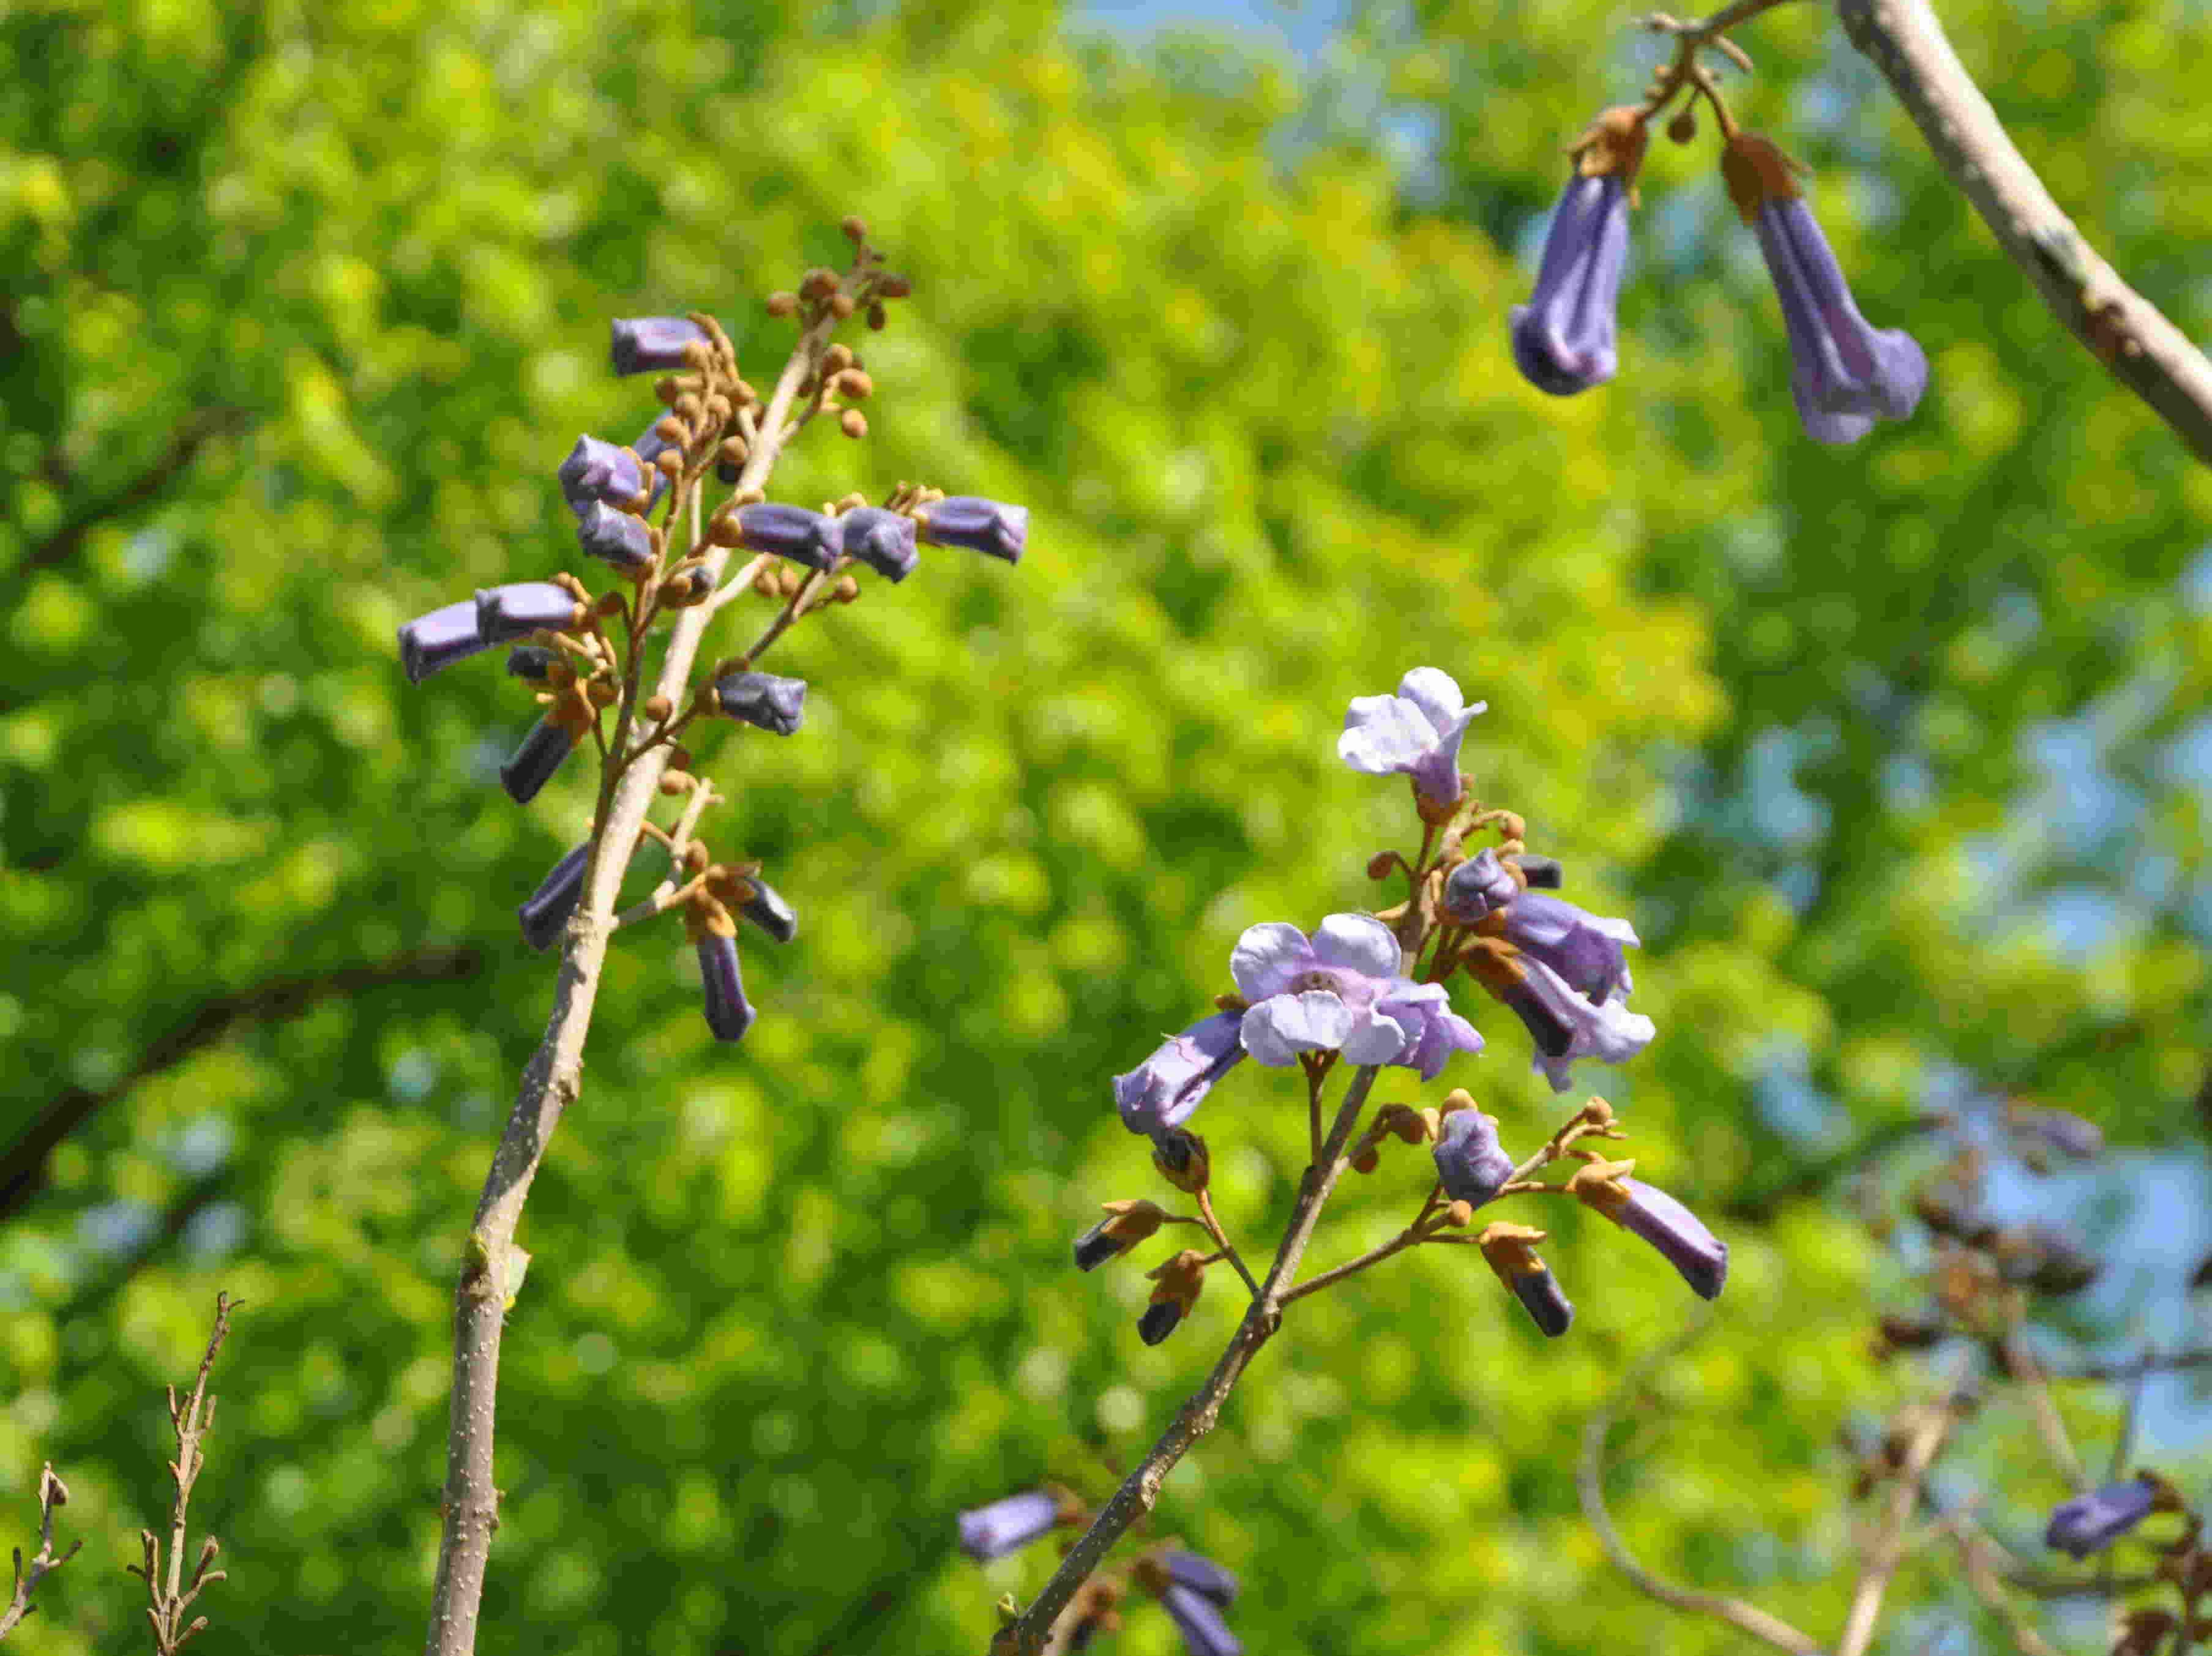 Kejsarträdet blommar på bar kvist.